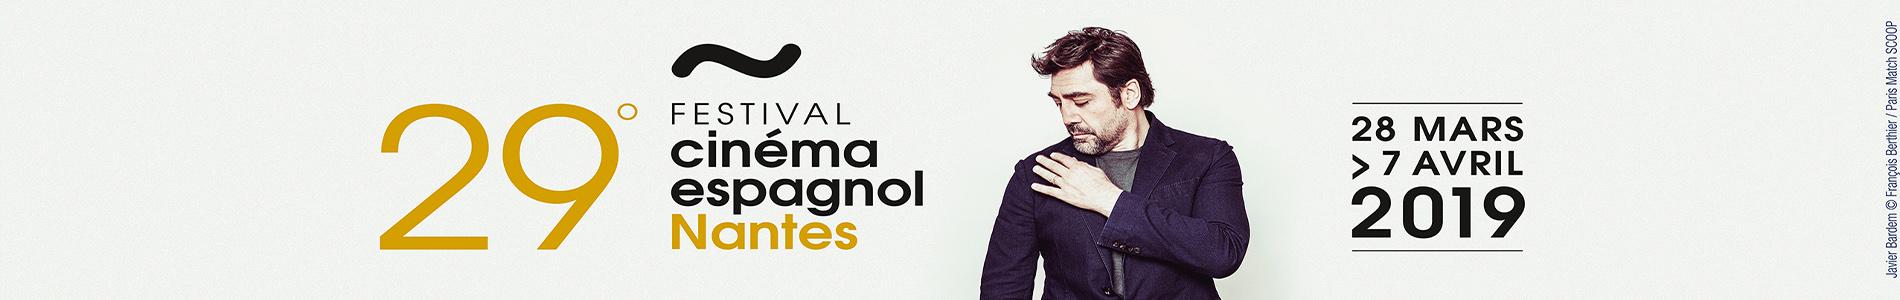 S'accréditer pour le 29e Festival du Cinéma Espagnol de Nantes